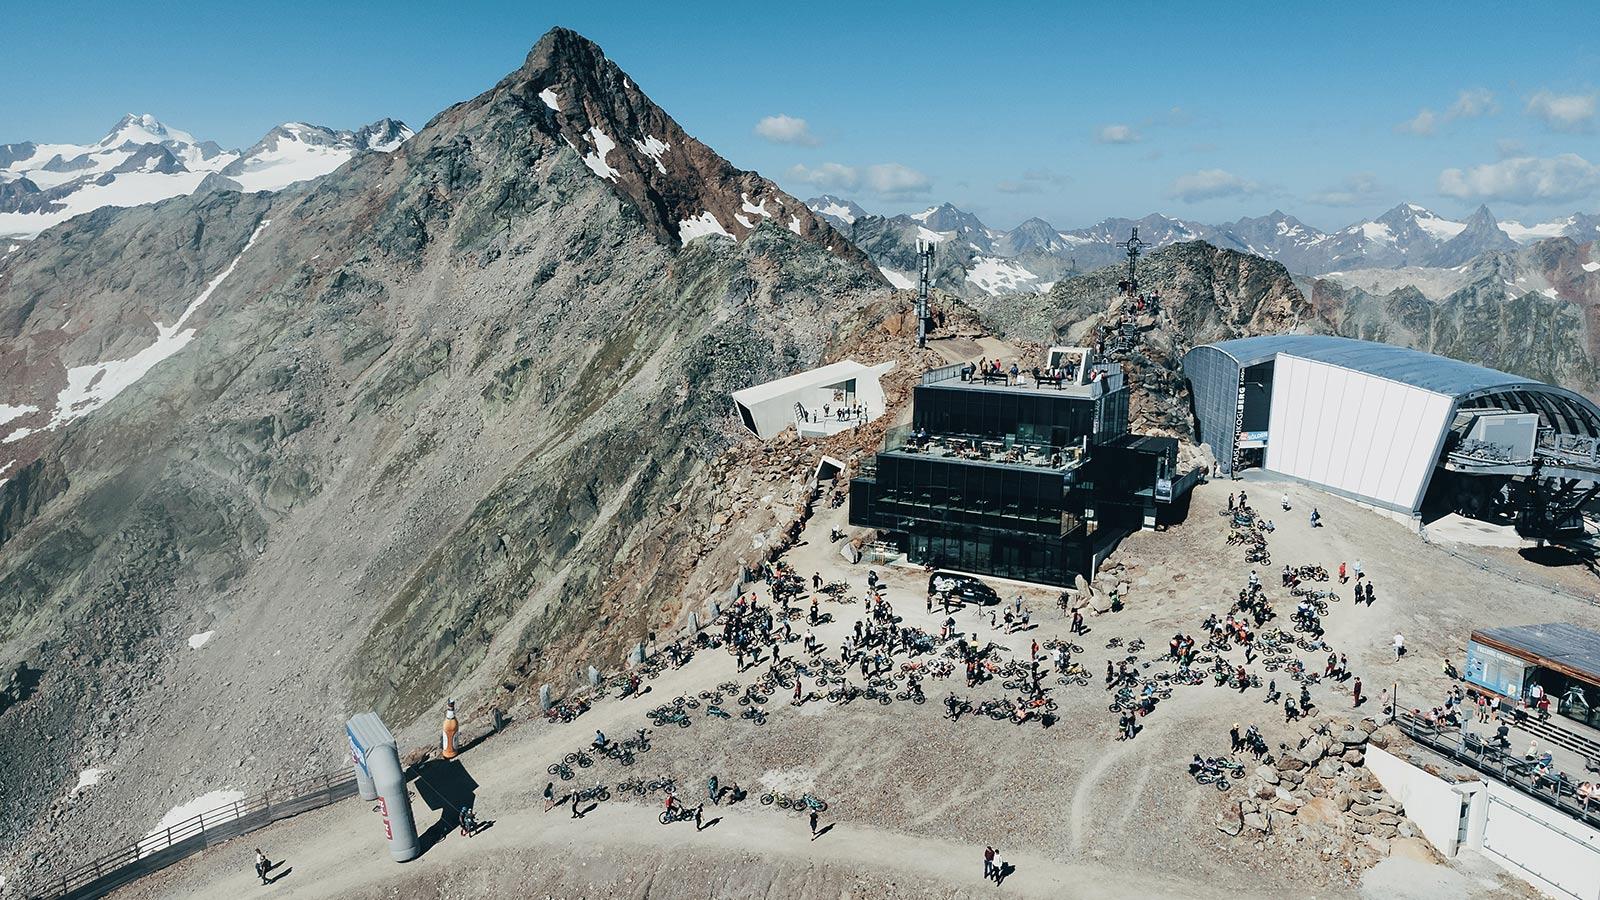 Event Schnitzeljagd 2021 Sölden Ötztal - Gondola - Event